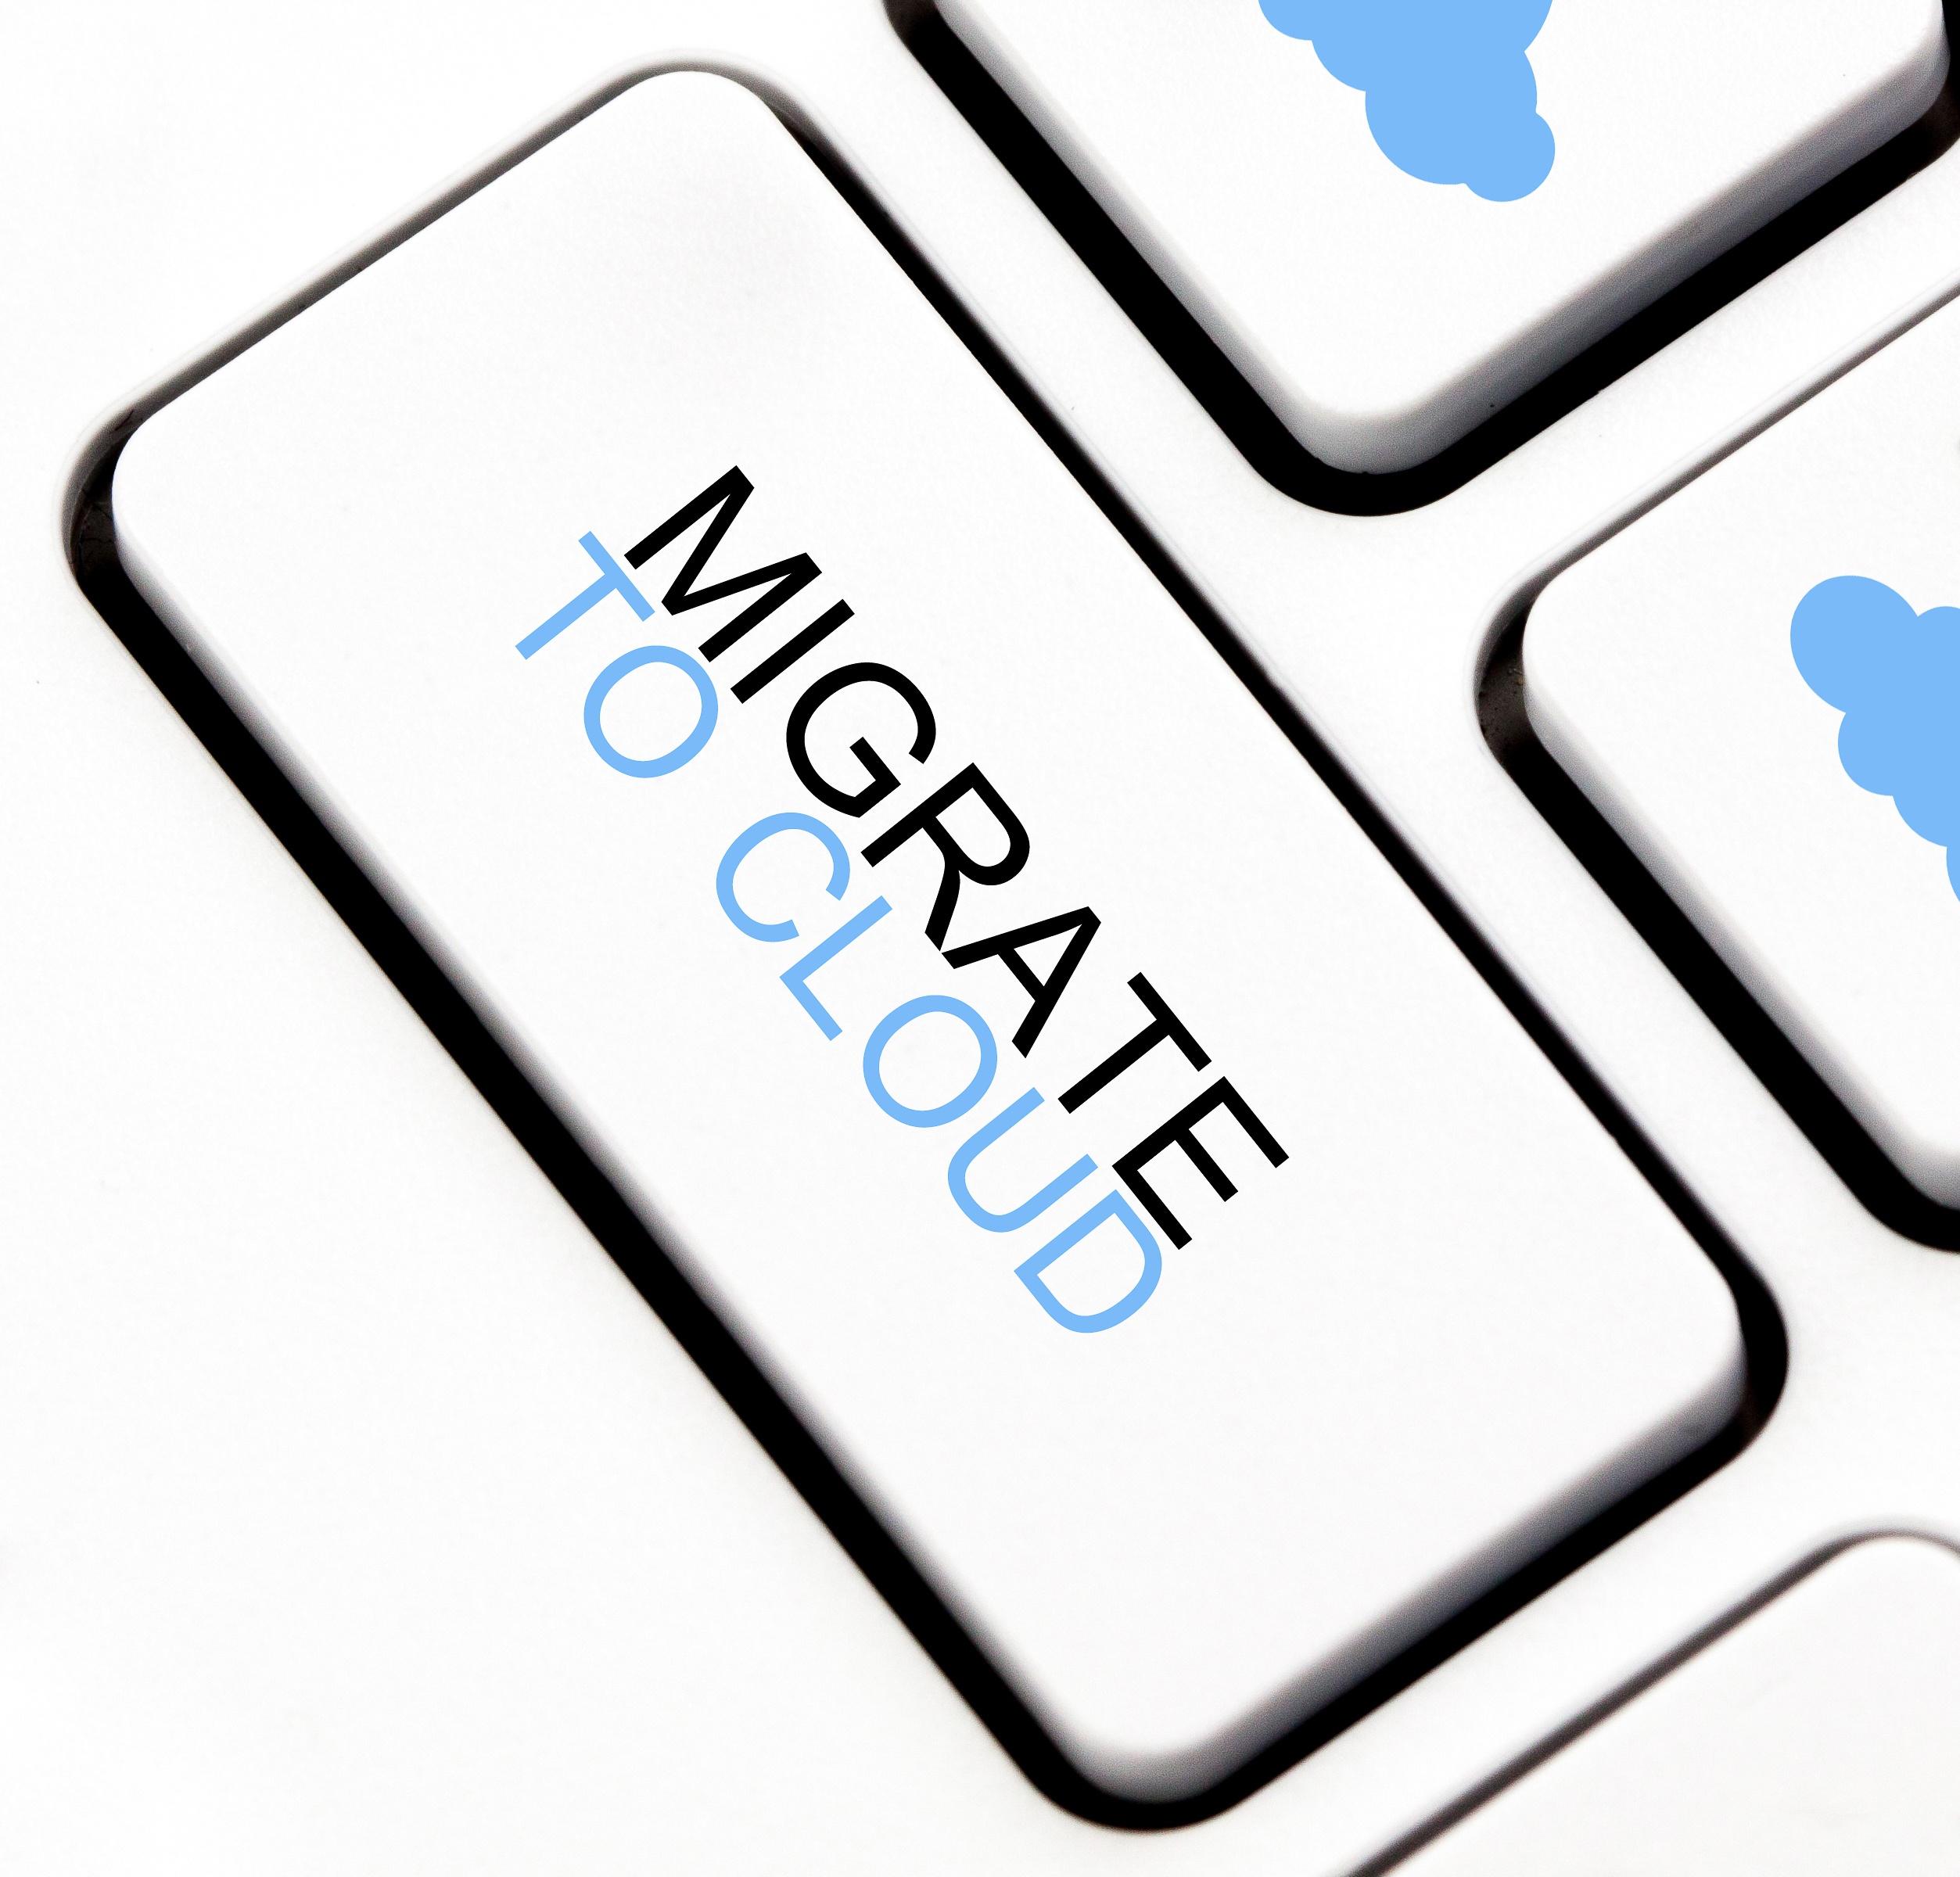 Transacciones base de datos y su importancia al migrar a la nube